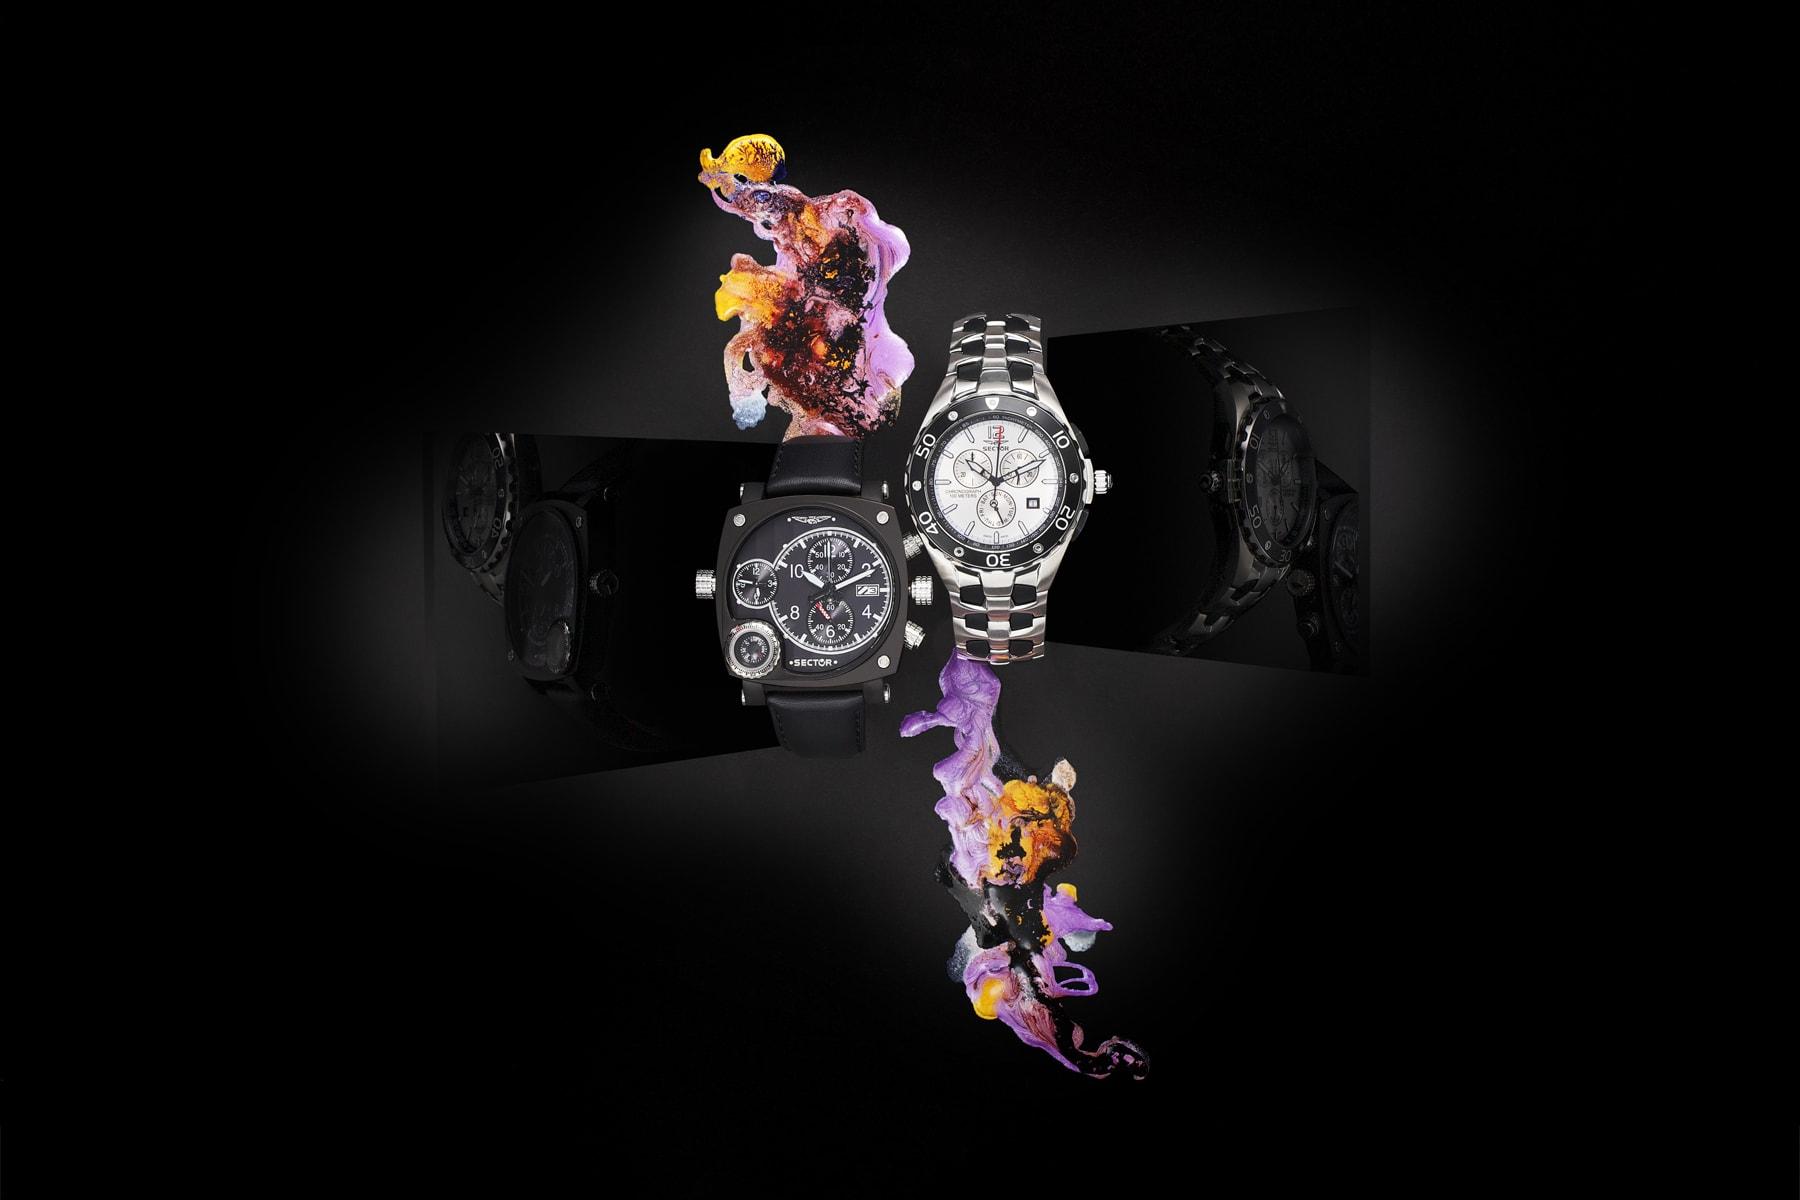 Packshot montre horlogerie Sector - Composition - Crédit Photo Jean-Philippe Martin – Tous droits réservés